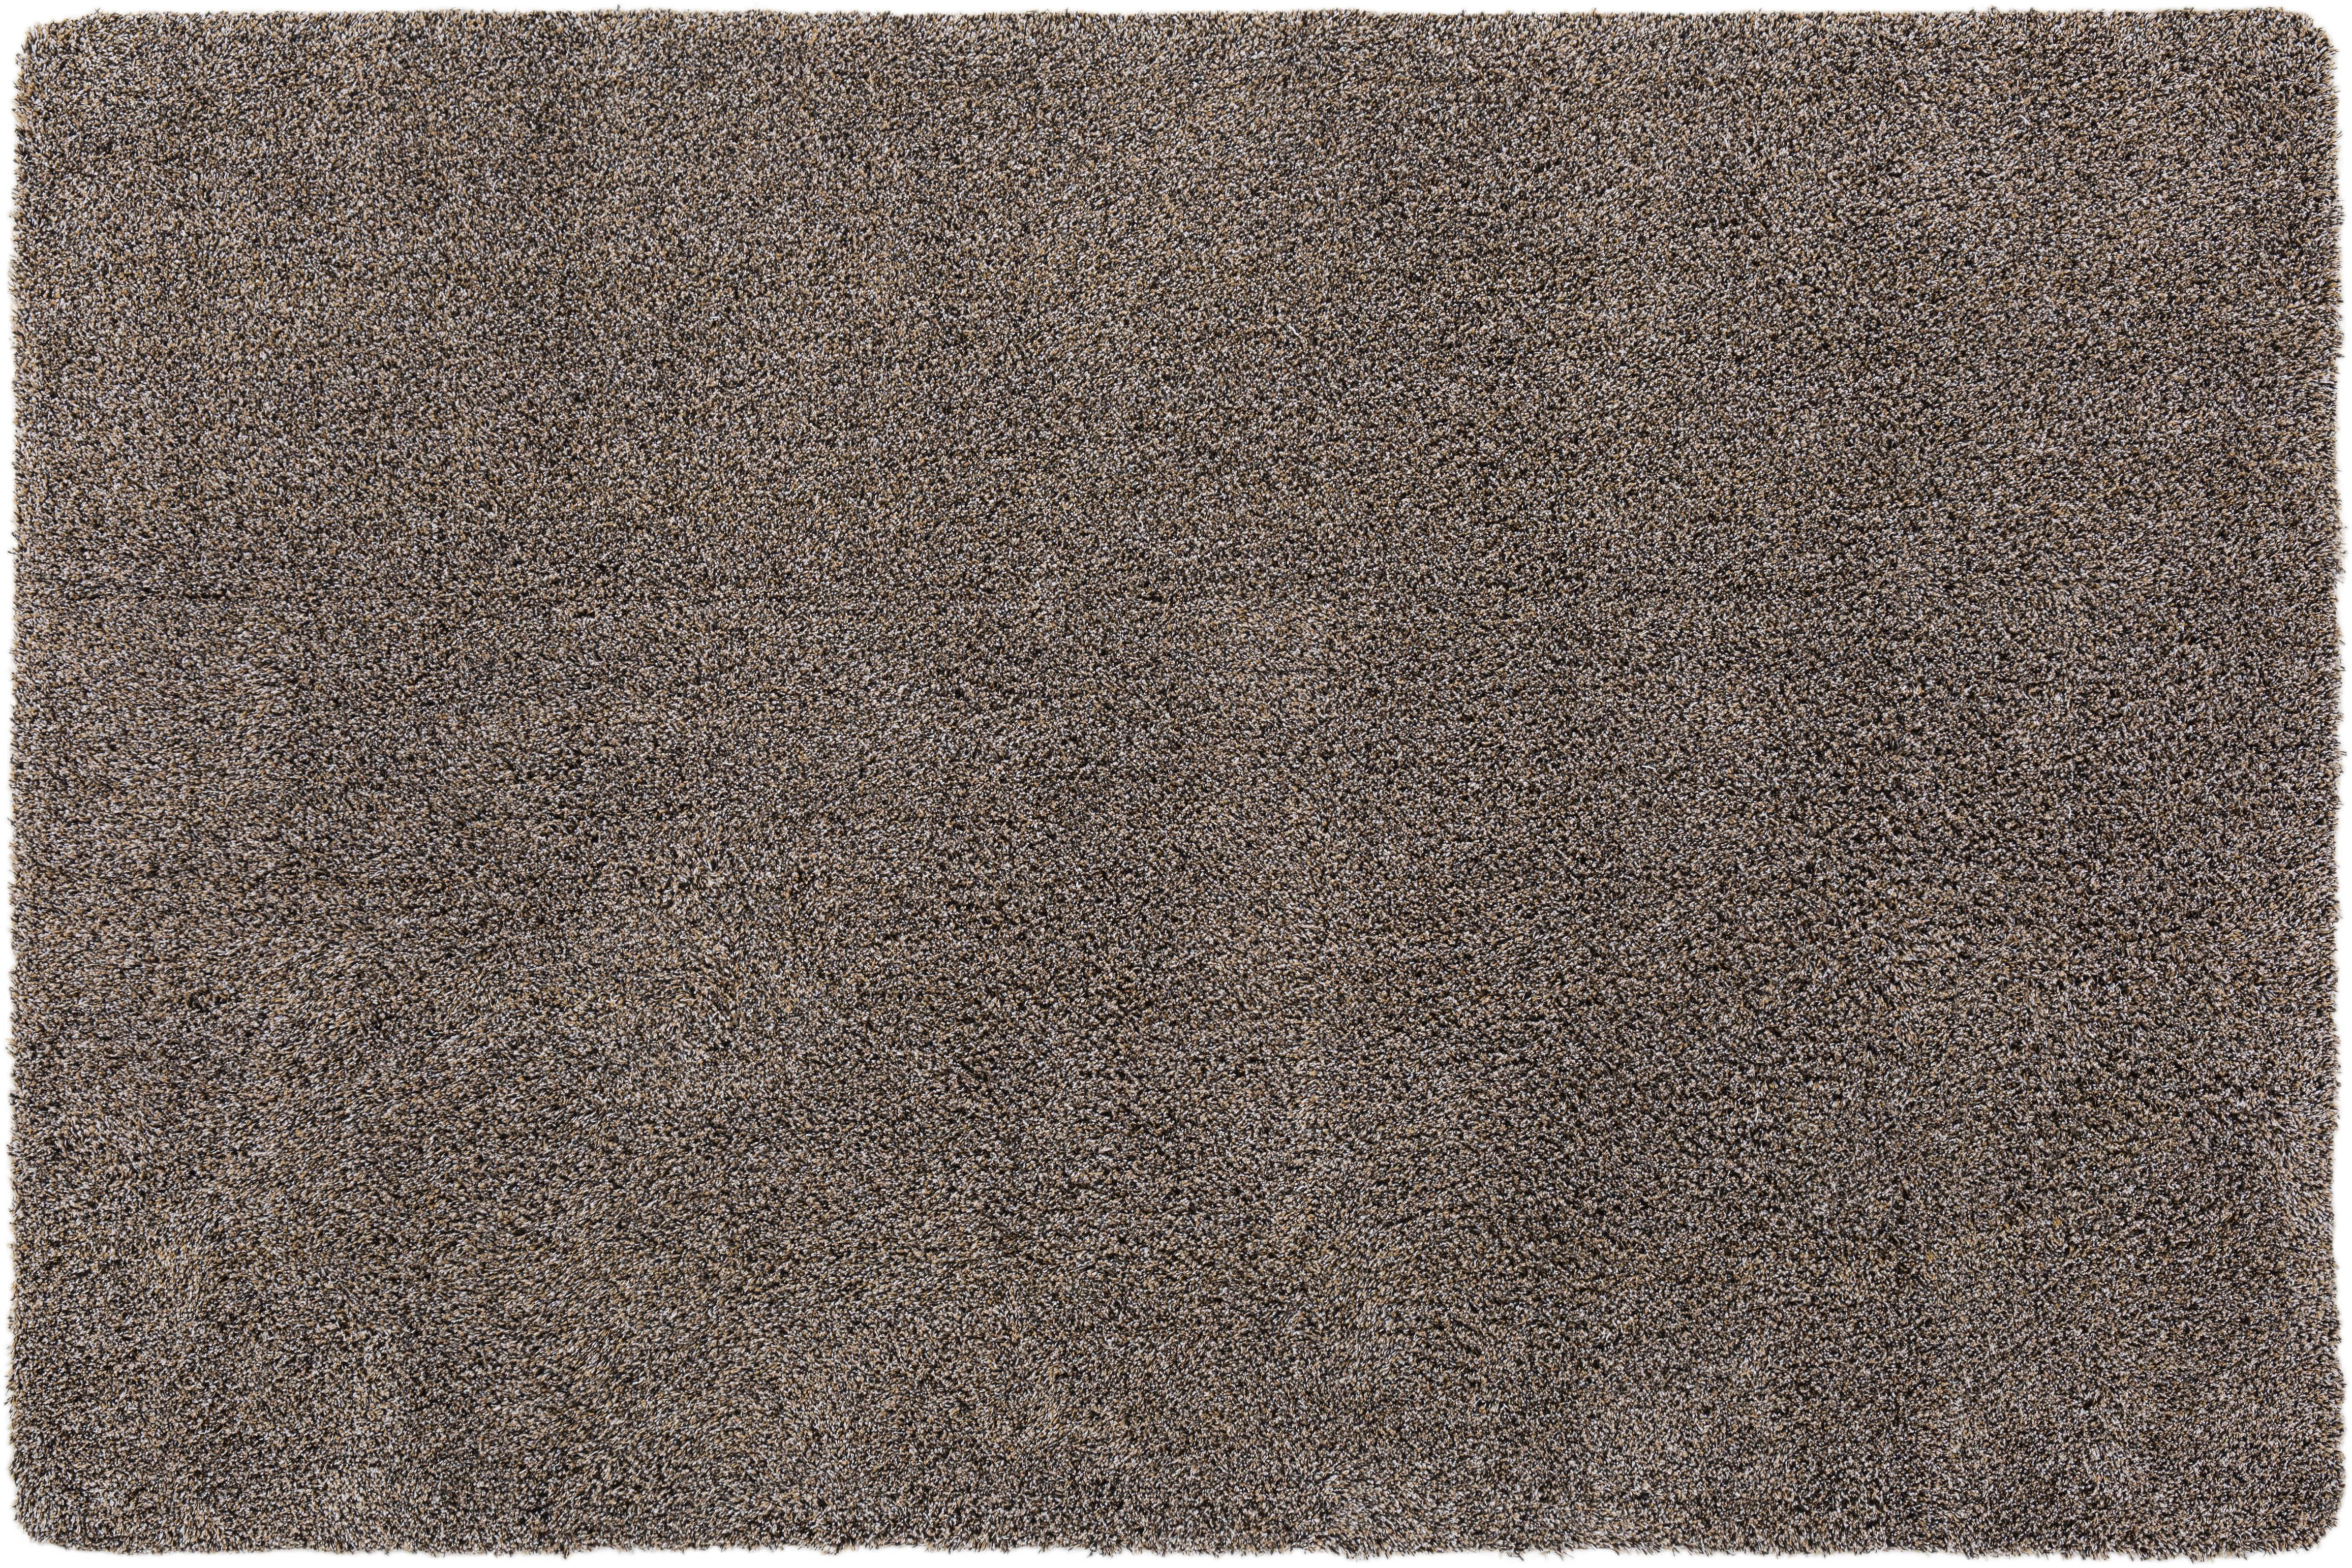 Fußmatte Super Cotton Andiamo rechteckig Höhe 10 mm maschinell getuftet